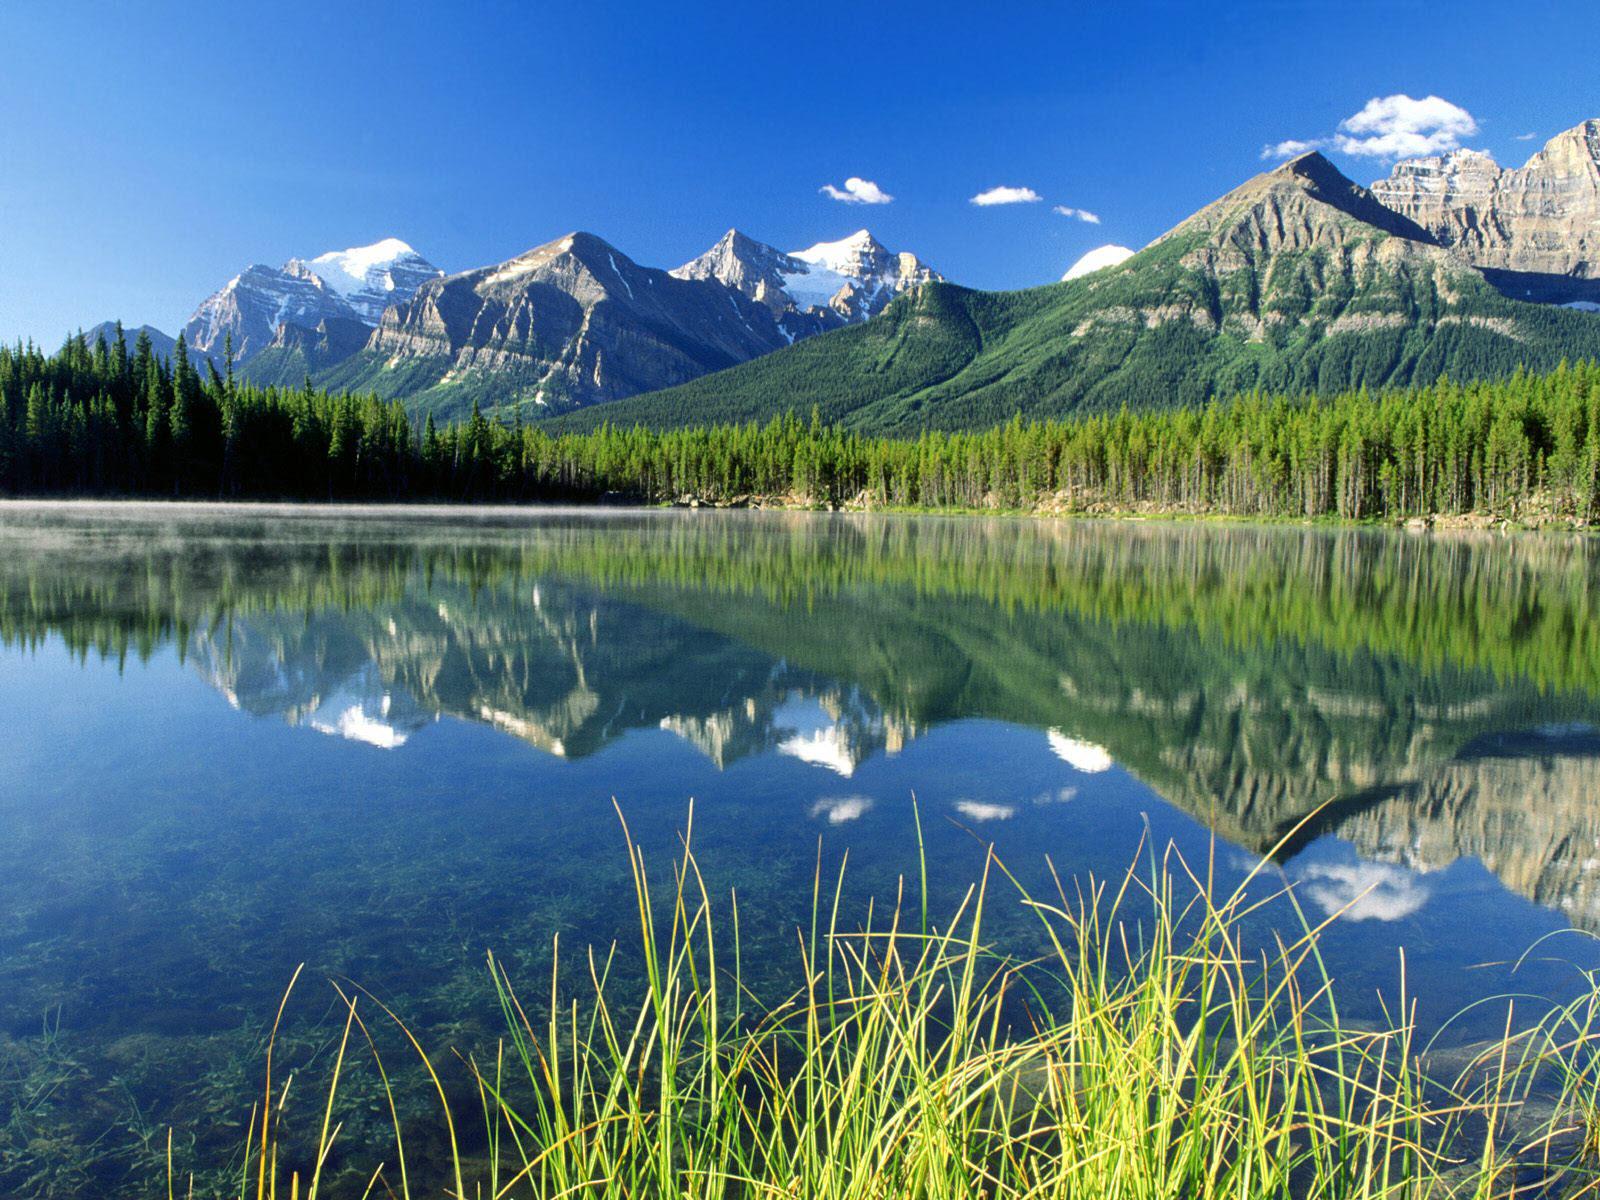 http://4.bp.blogspot.com/-pzXm33rh1-I/Ta3WTb34m4I/AAAAAAAAAFM/0cEuCbZWjPA/s1600/Landscape_HD_0035.jpg